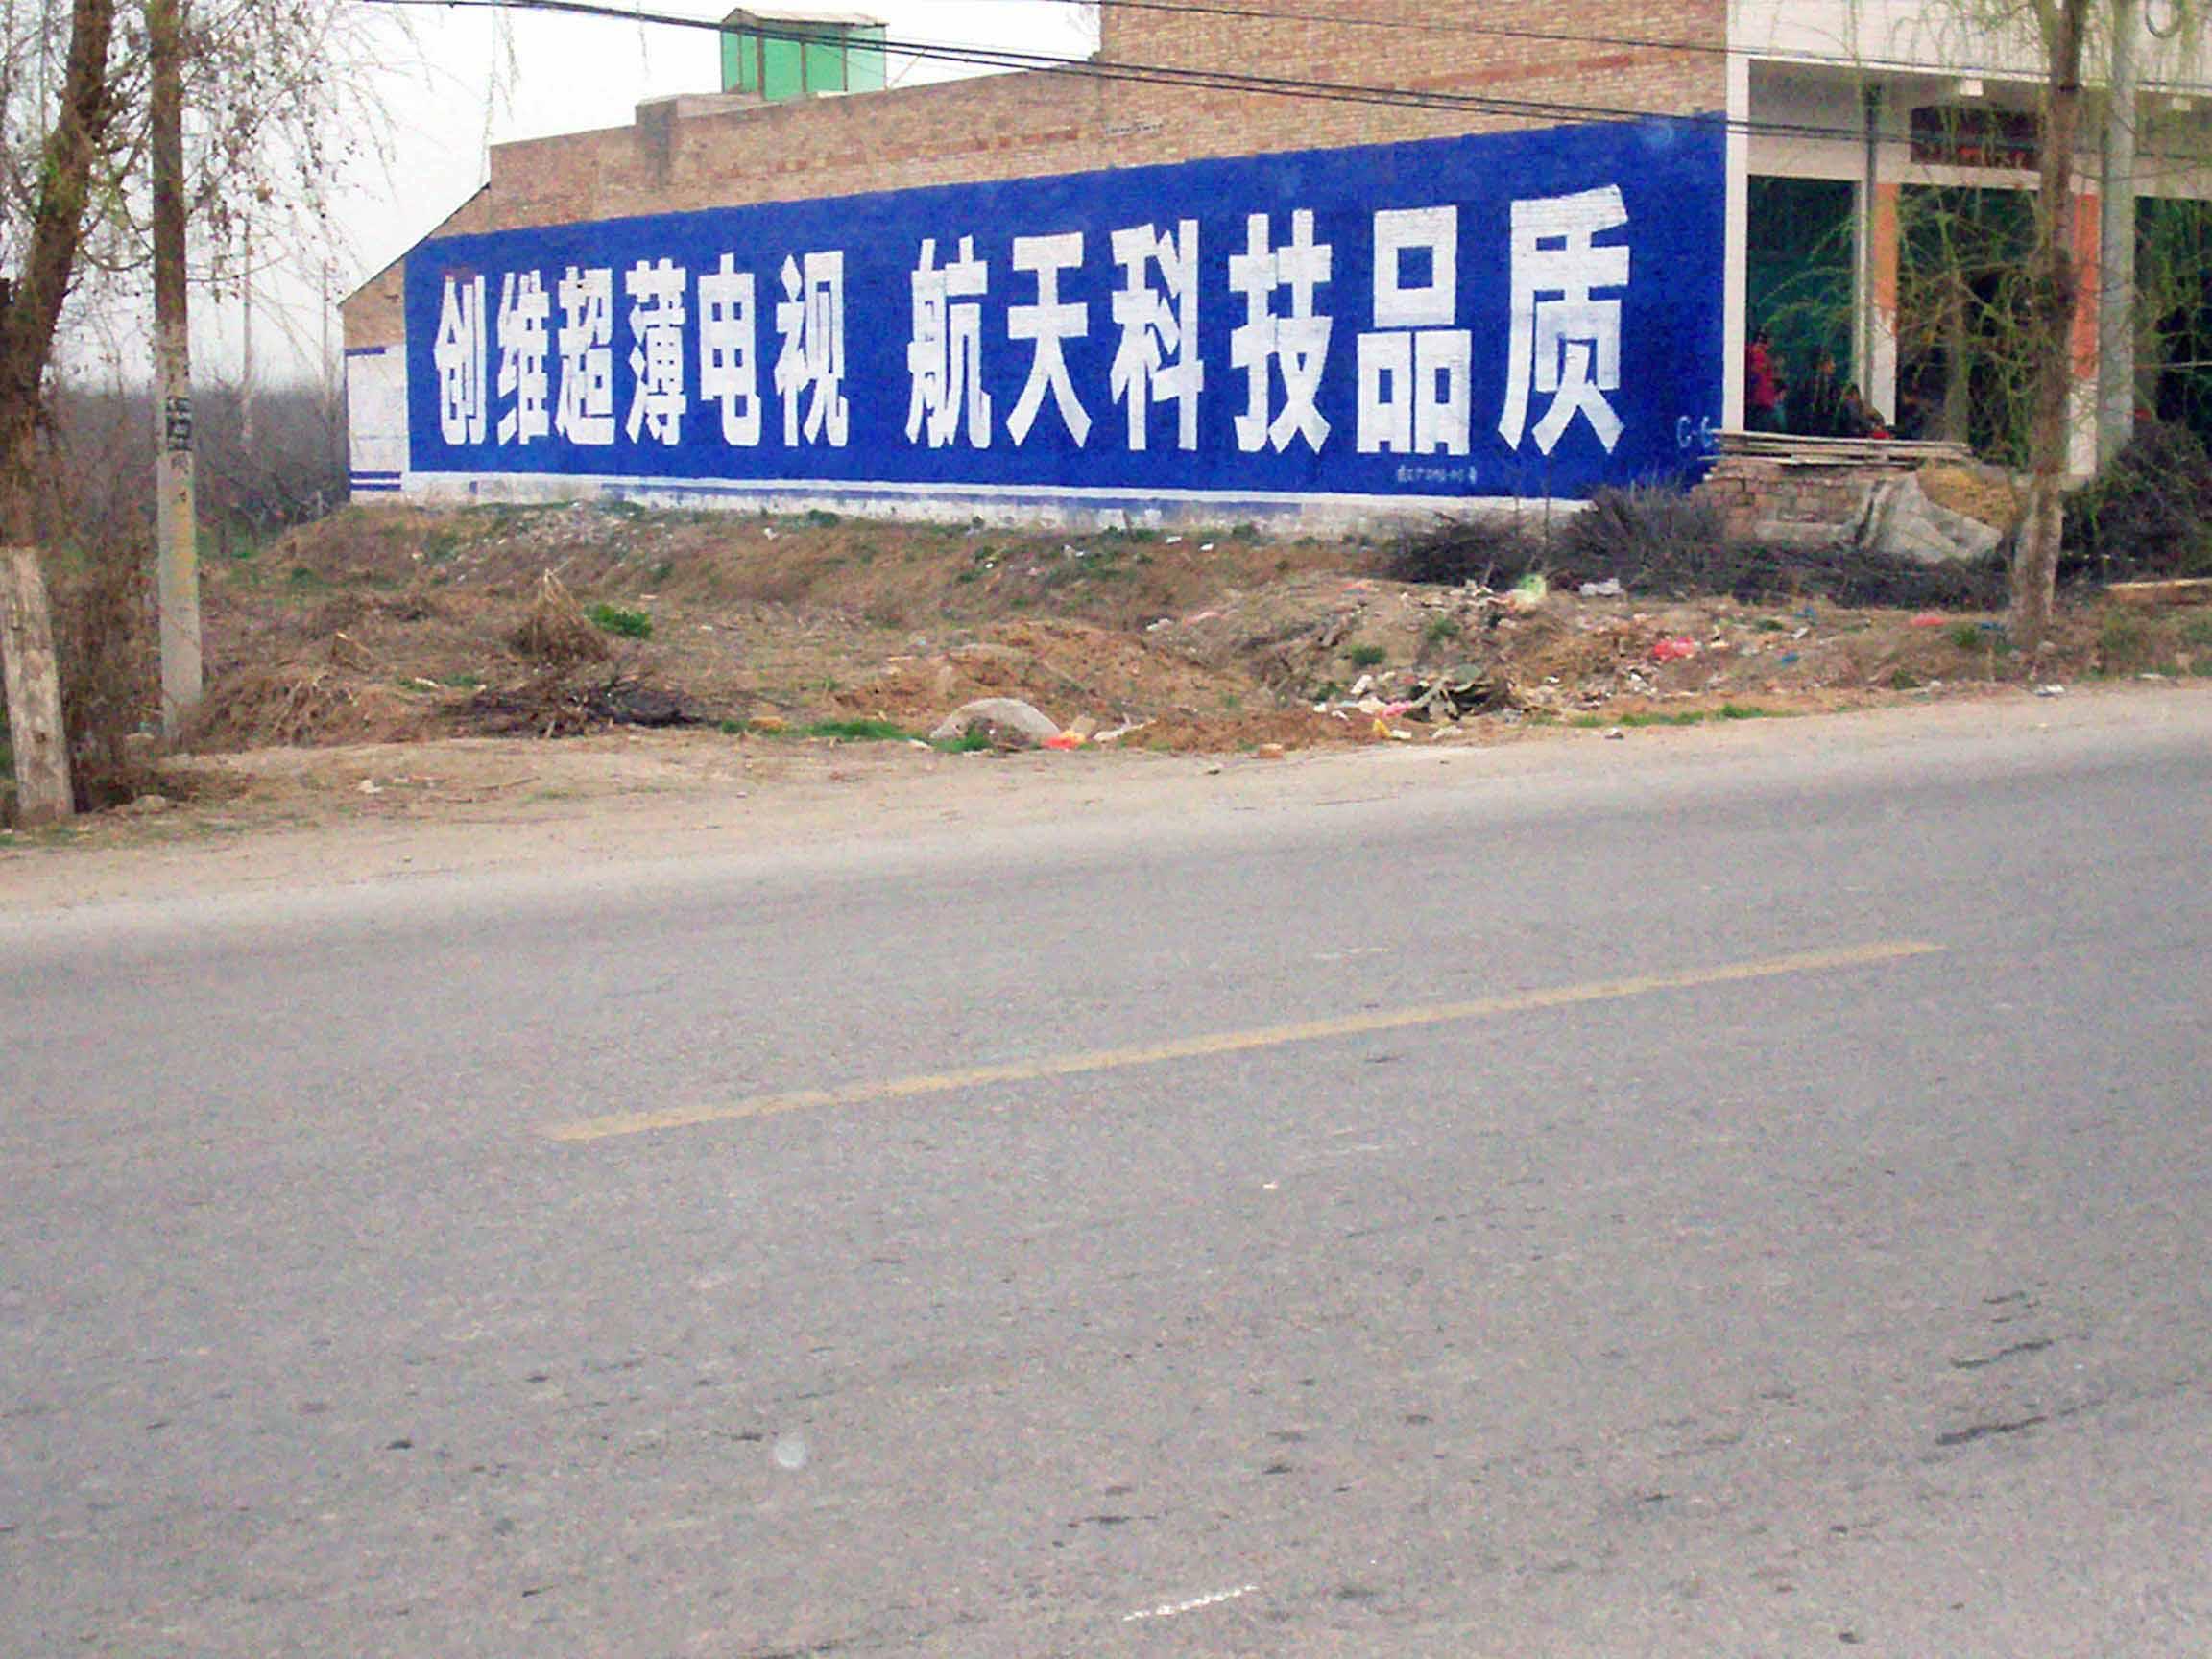 榆林墙体广告榆林刷墙广告榆林墙体广告有限公司